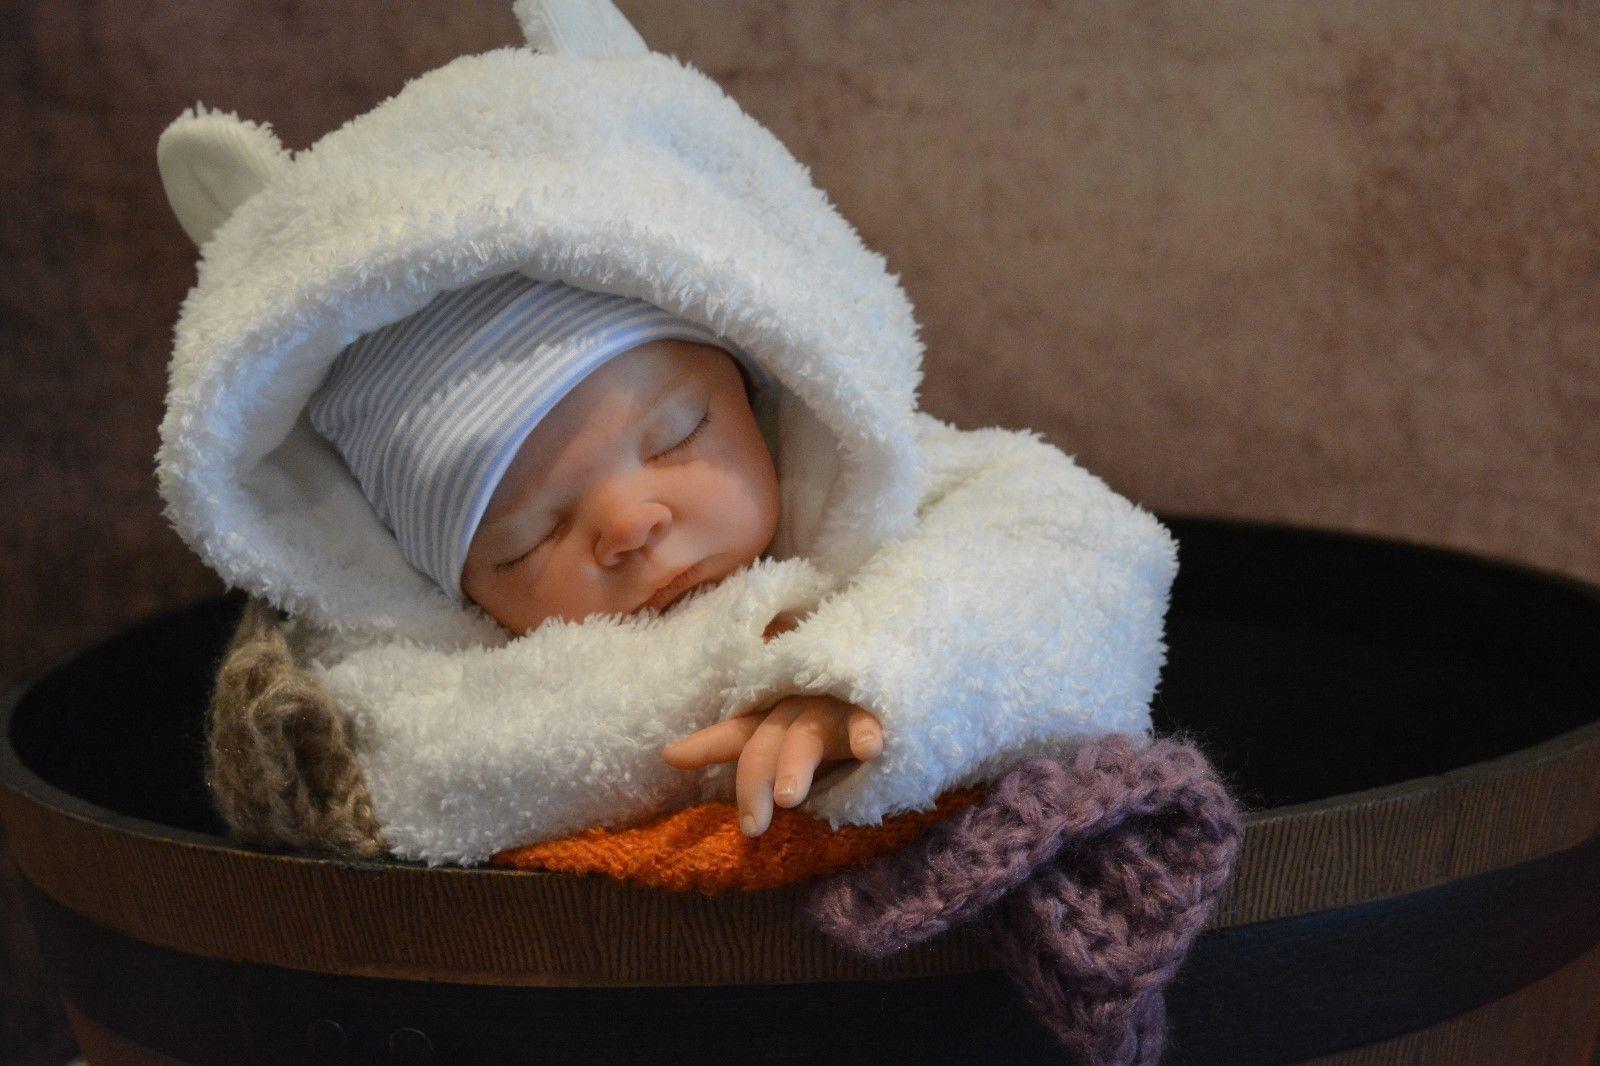 Personalizado a Medida Serah Sammie Hecho Reborn Muñeca bebé recién nacido falso Vida De Silicona